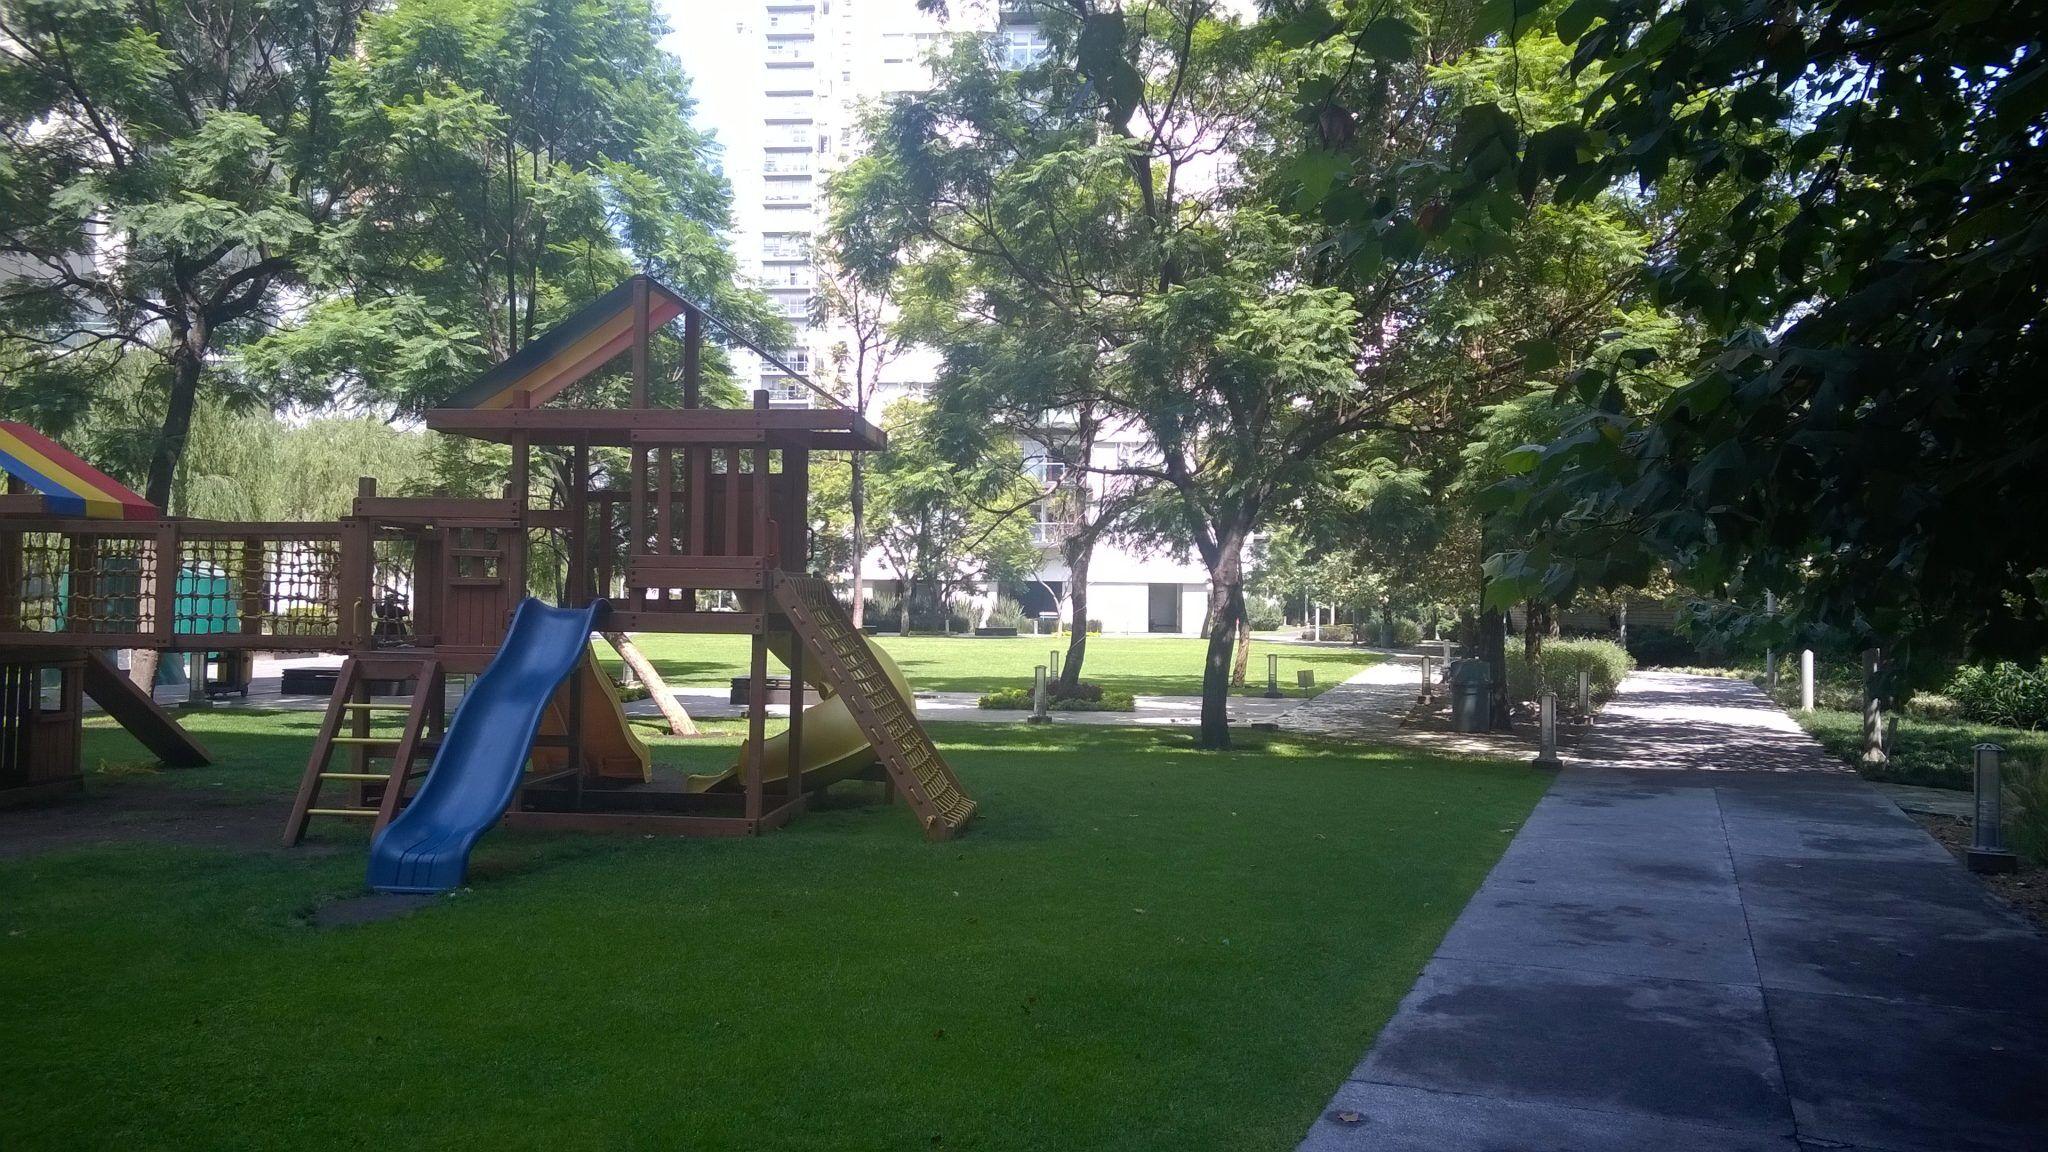 Departamento en Venta en Parques Polanco. 2 Recámaras y dos terrazas. Juegos infantiles